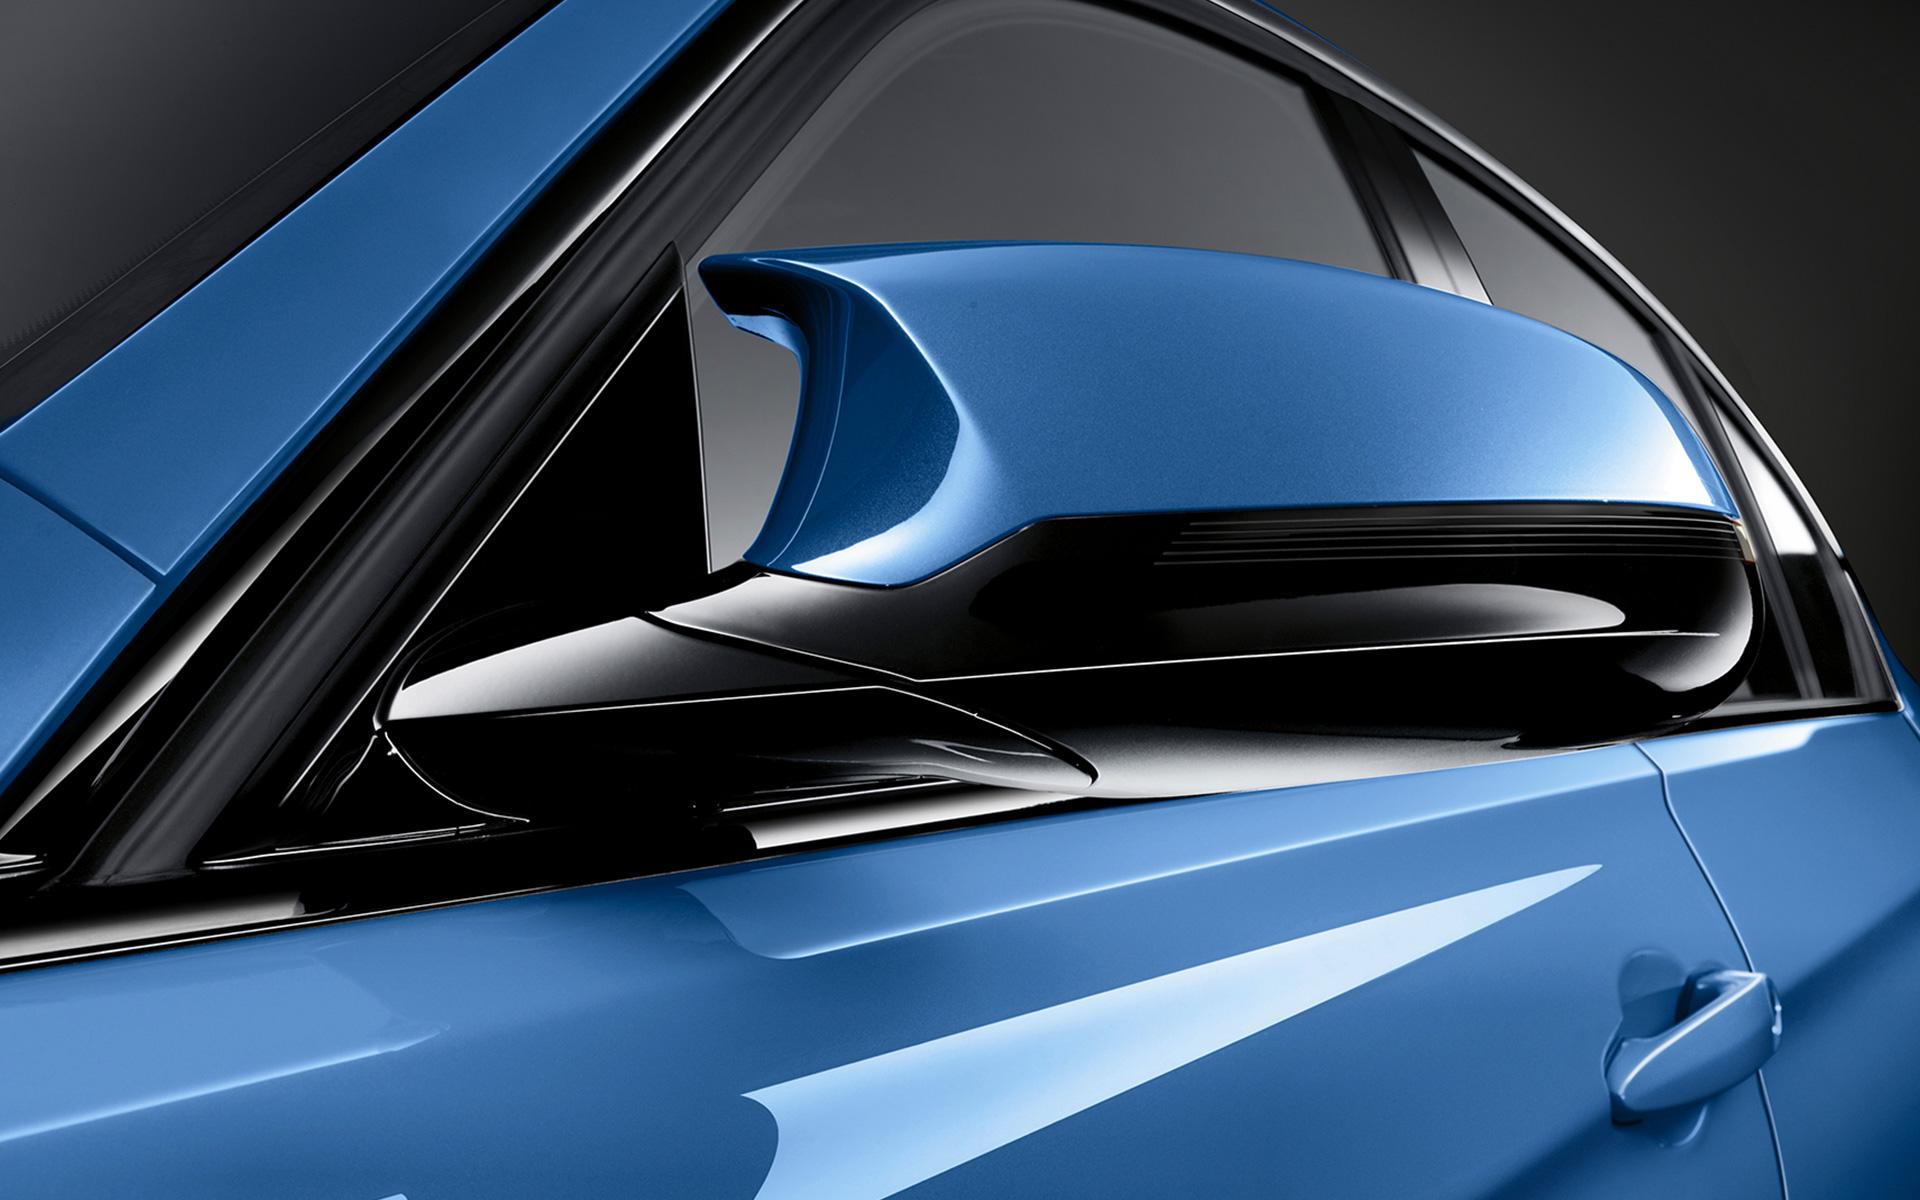 BMW M3 Sedan 11 1920x1200